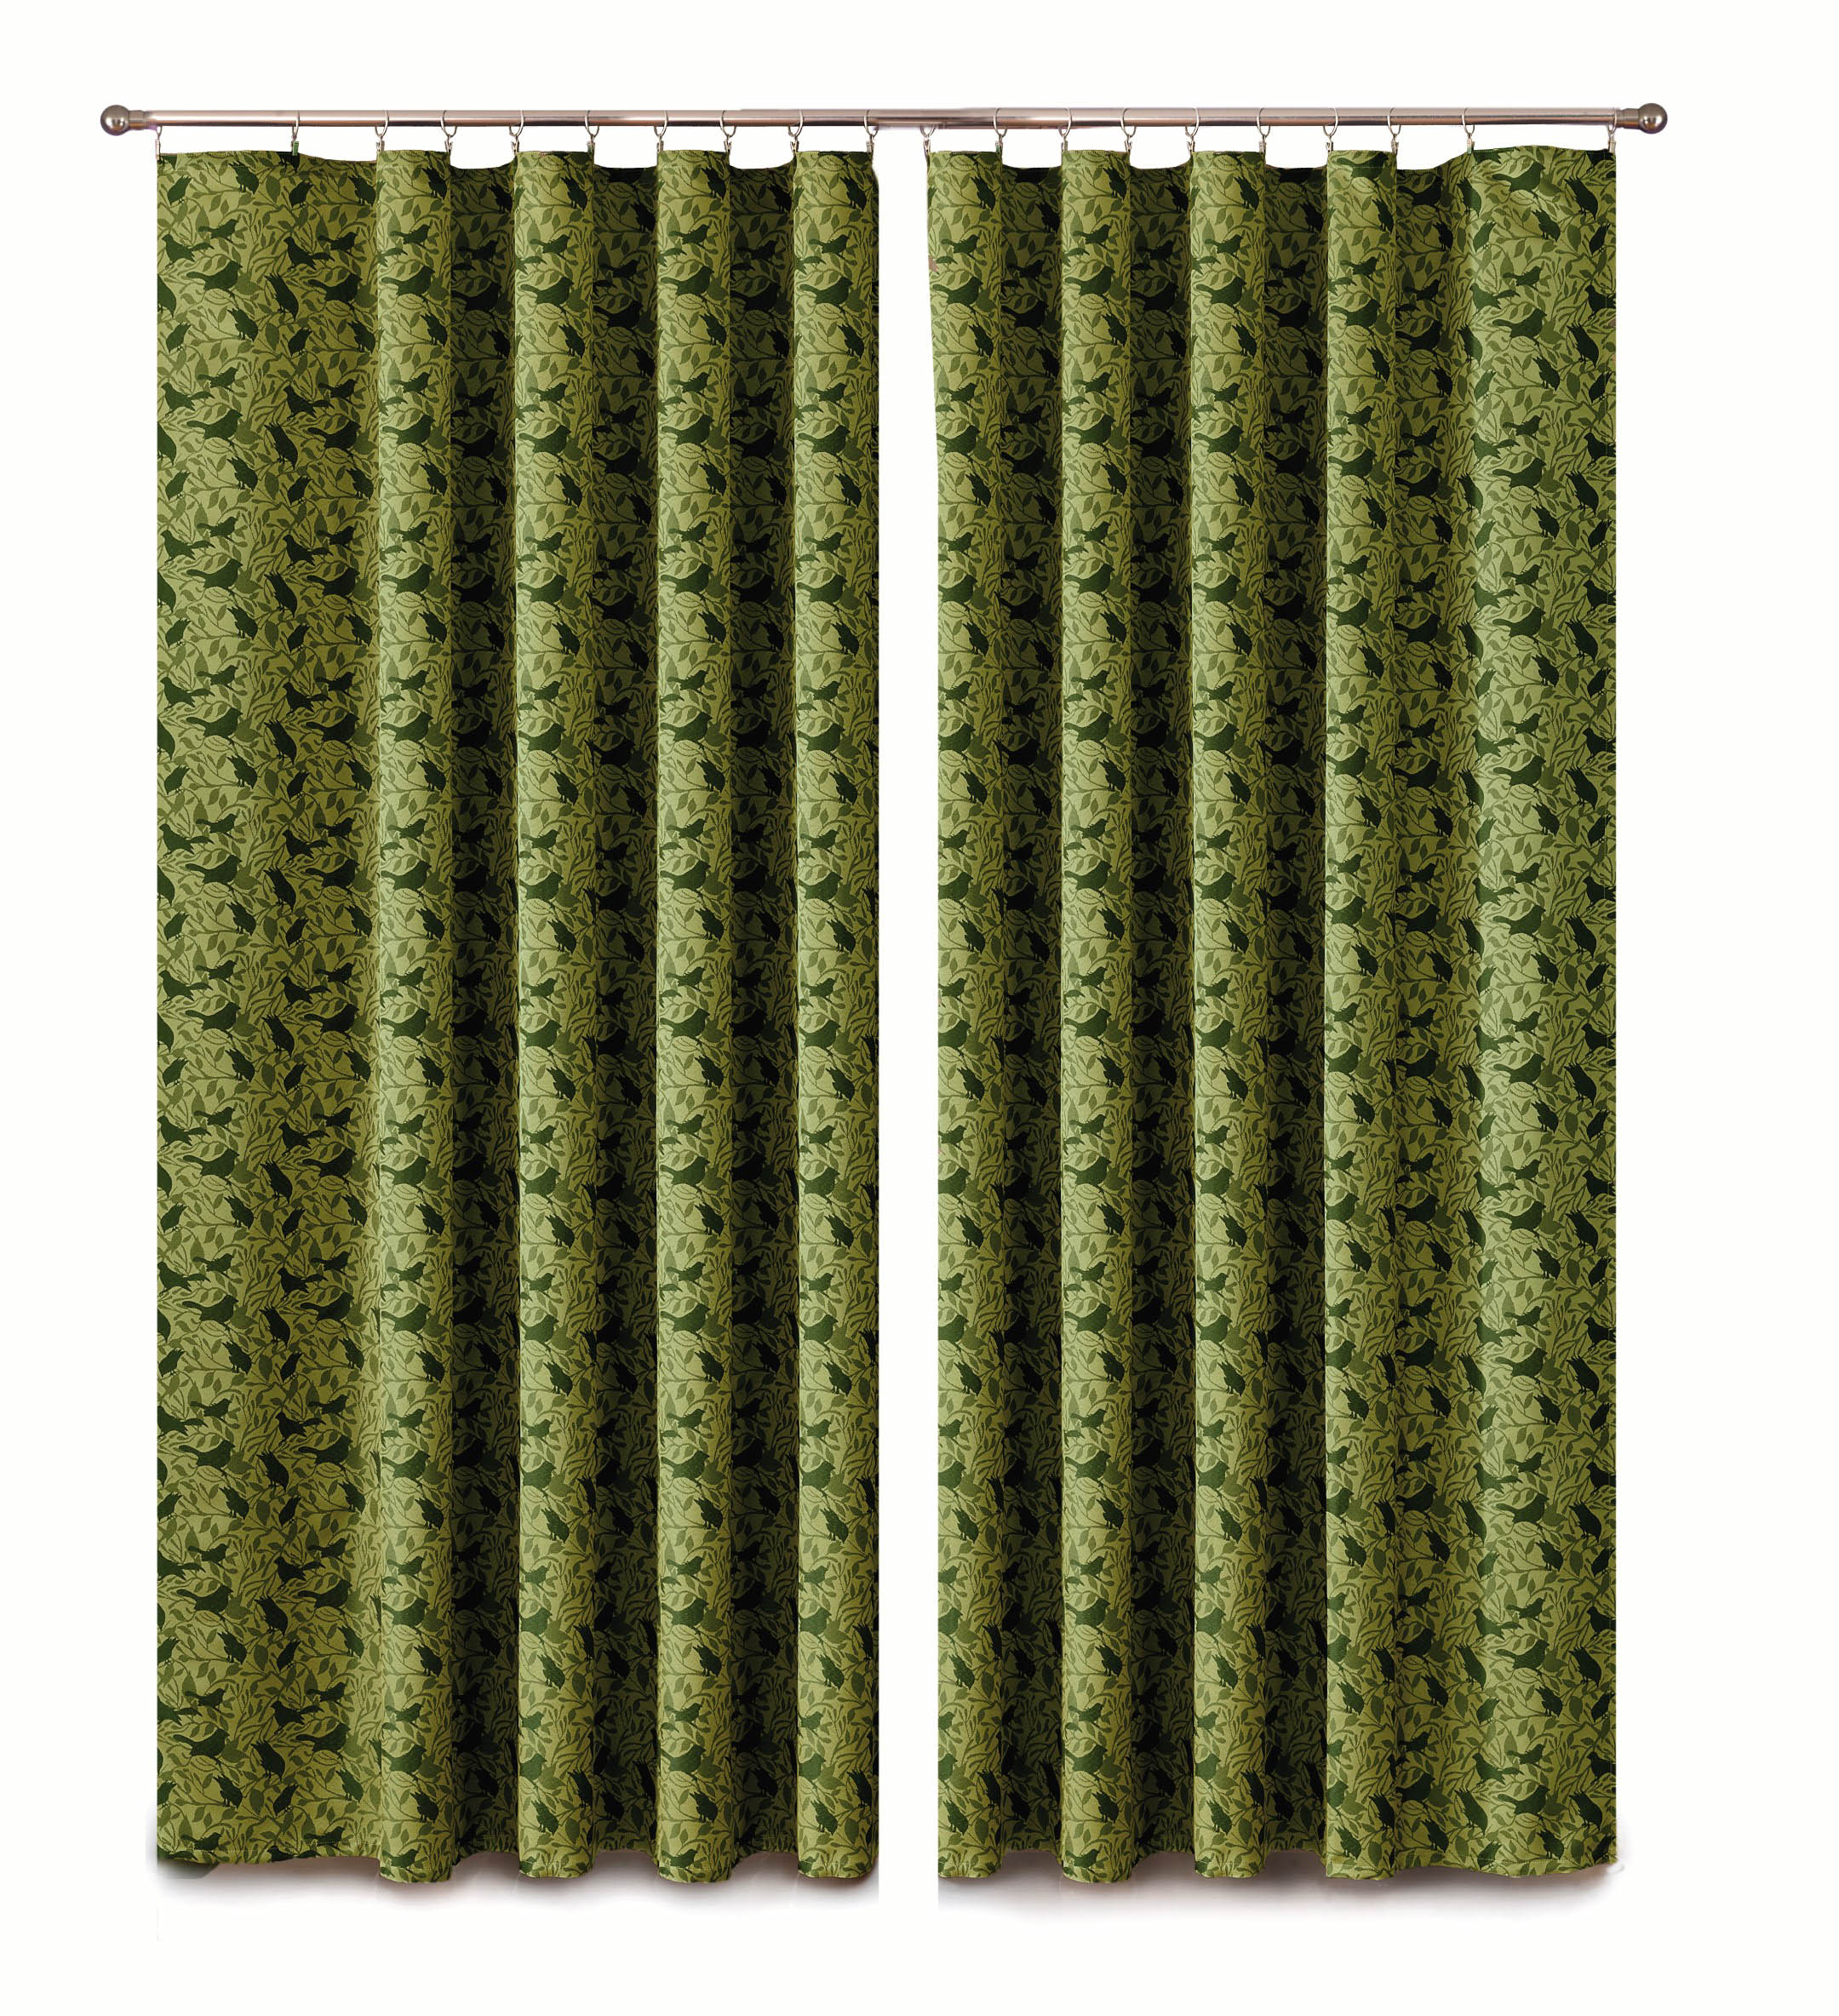 Шторы Primavera Классические шторы Paulina Цвет: Зеленый шторы primavera классические шторы tilly цвет серый